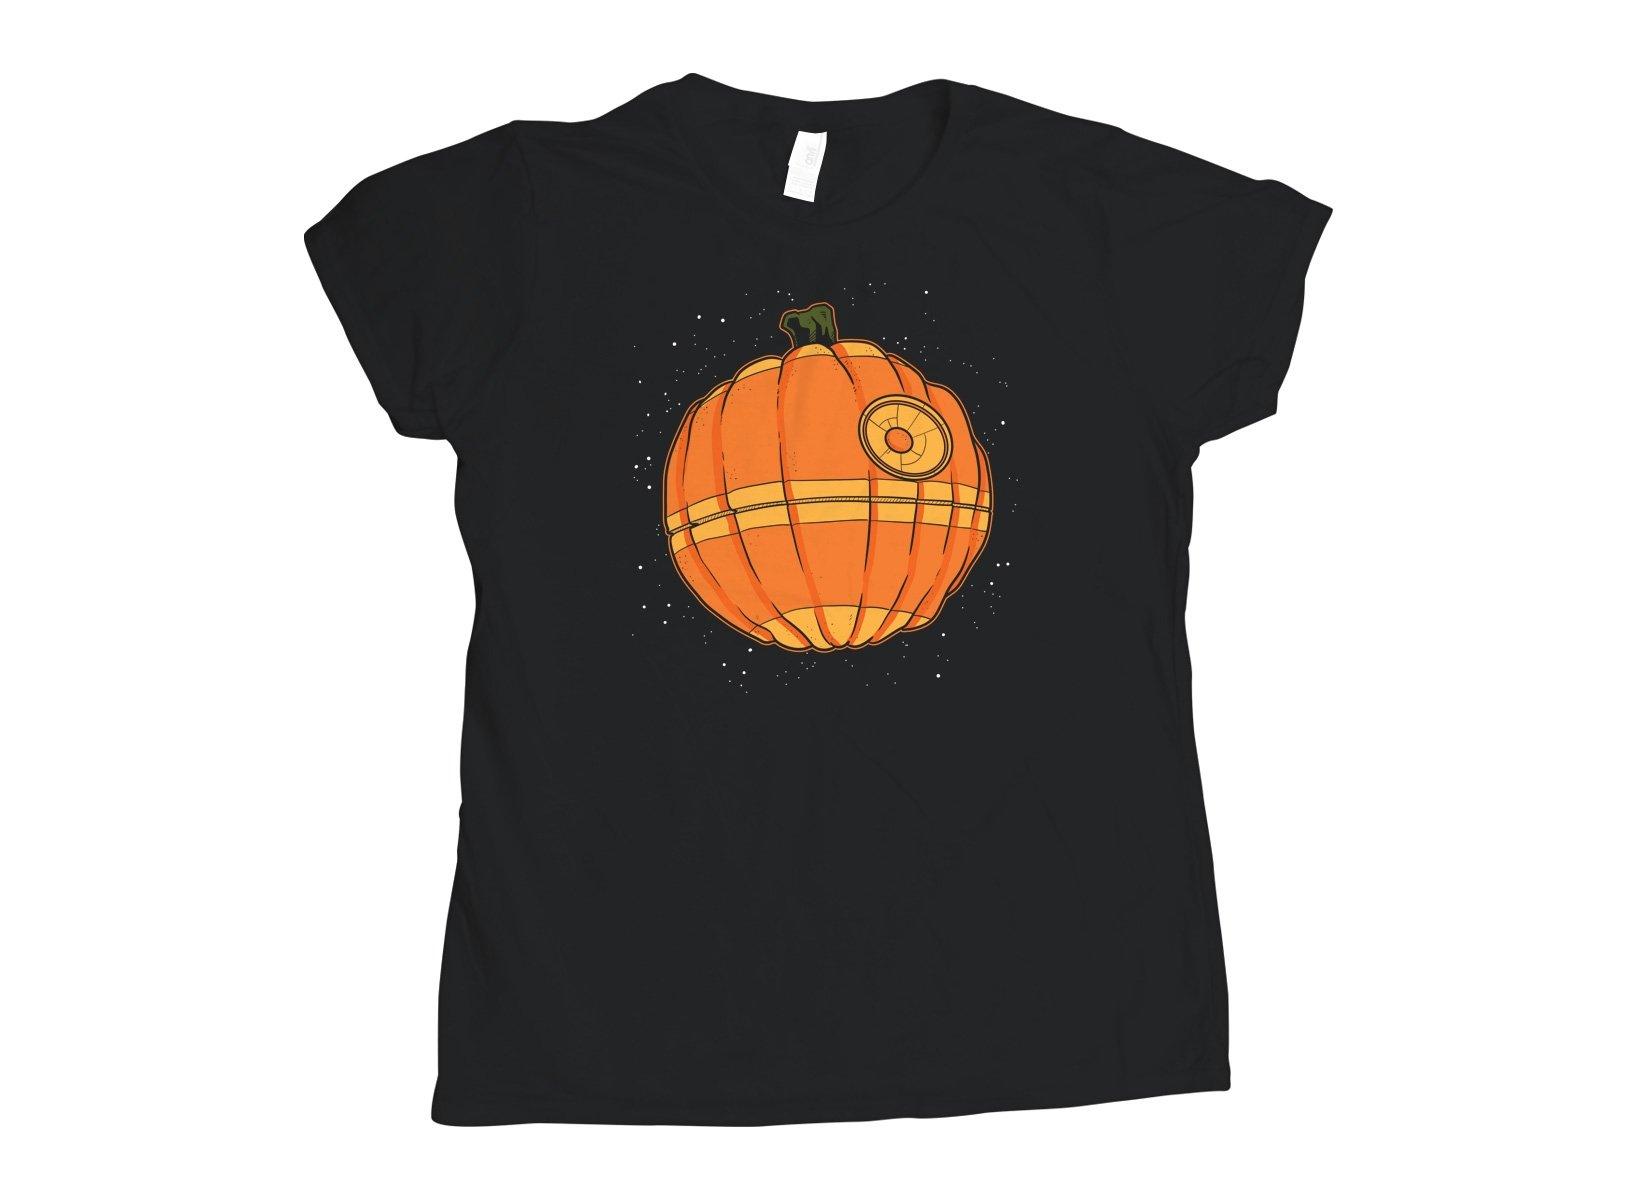 That's No Pumpkin on Womens T-Shirt